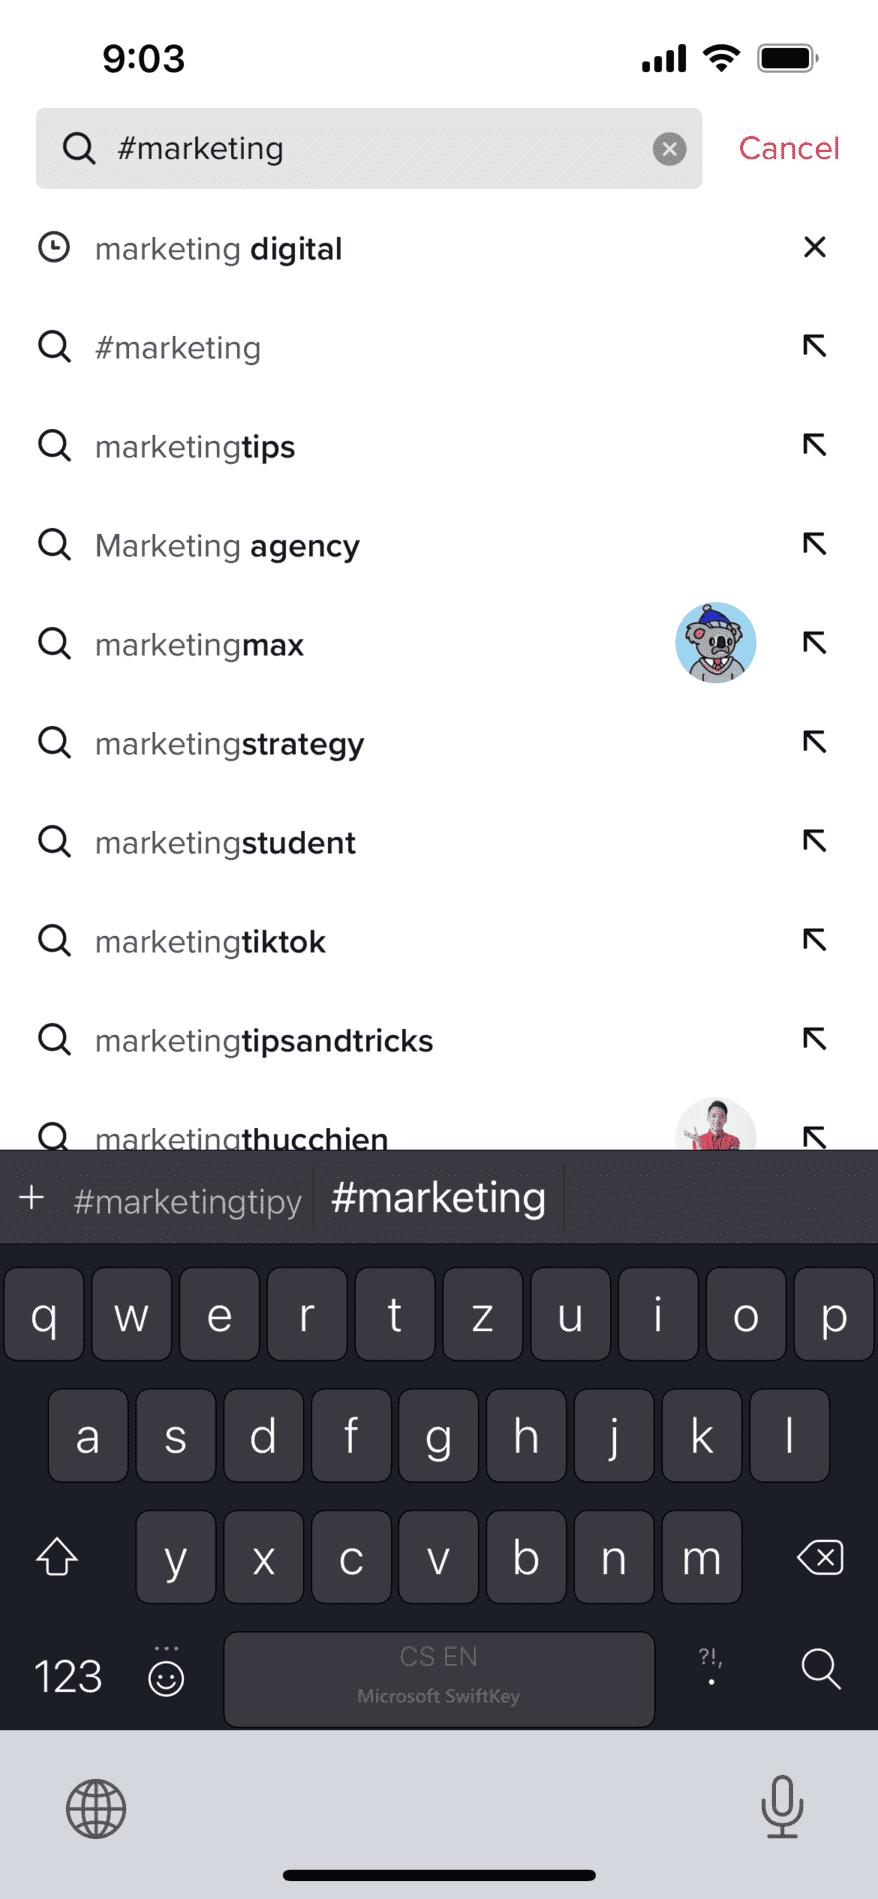 Vyhledávání dle klíčových slov na TikToku je podobně intuitivní jako na Instagramu. Aplikace vám poskytuje mnoho návrhů, které souvisí s vaším vyhledávacím dotazem.